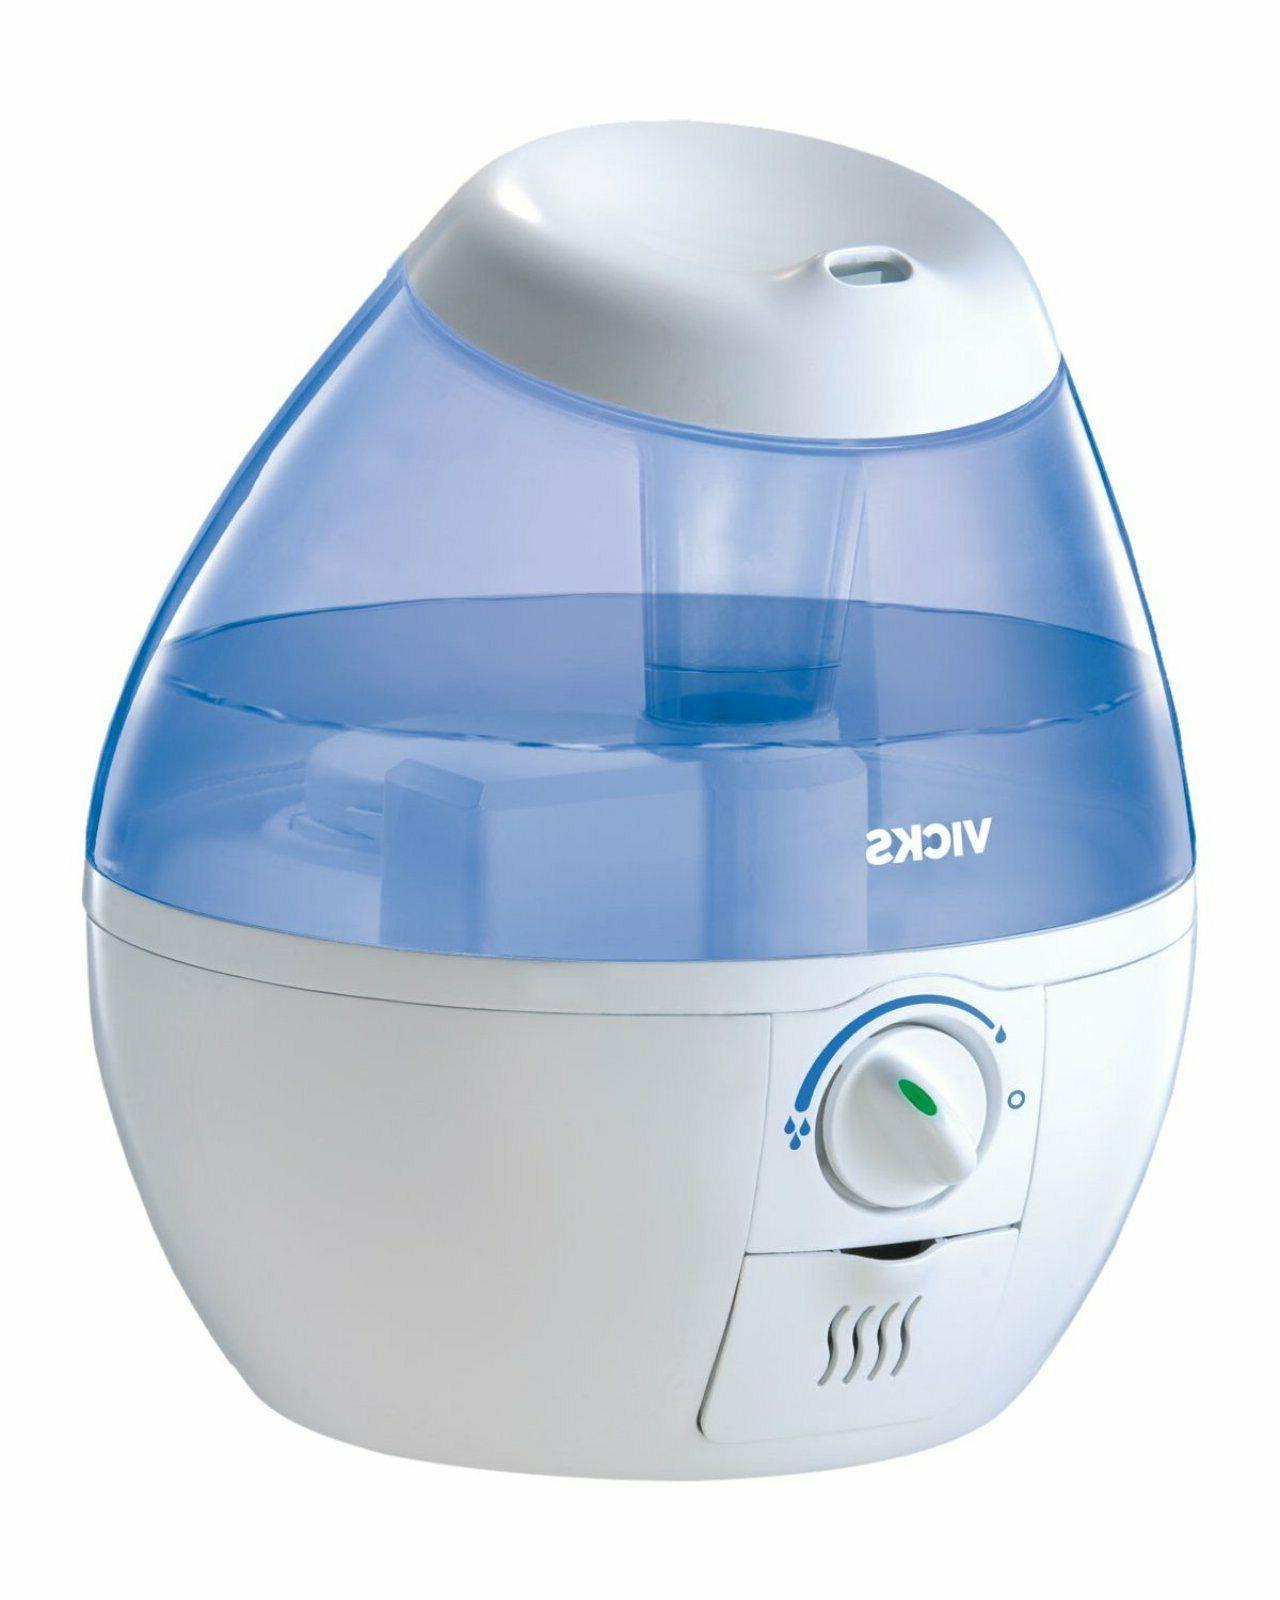 Cool Mist Humidifier Vaporizer Inhaler Filter Free 0.5 Gallo